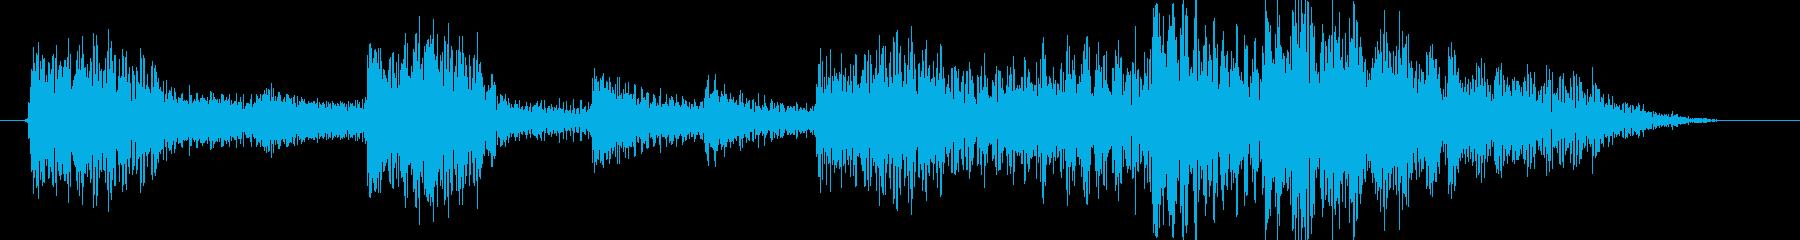 琴尺八勢いのある戦国風ジングルの再生済みの波形